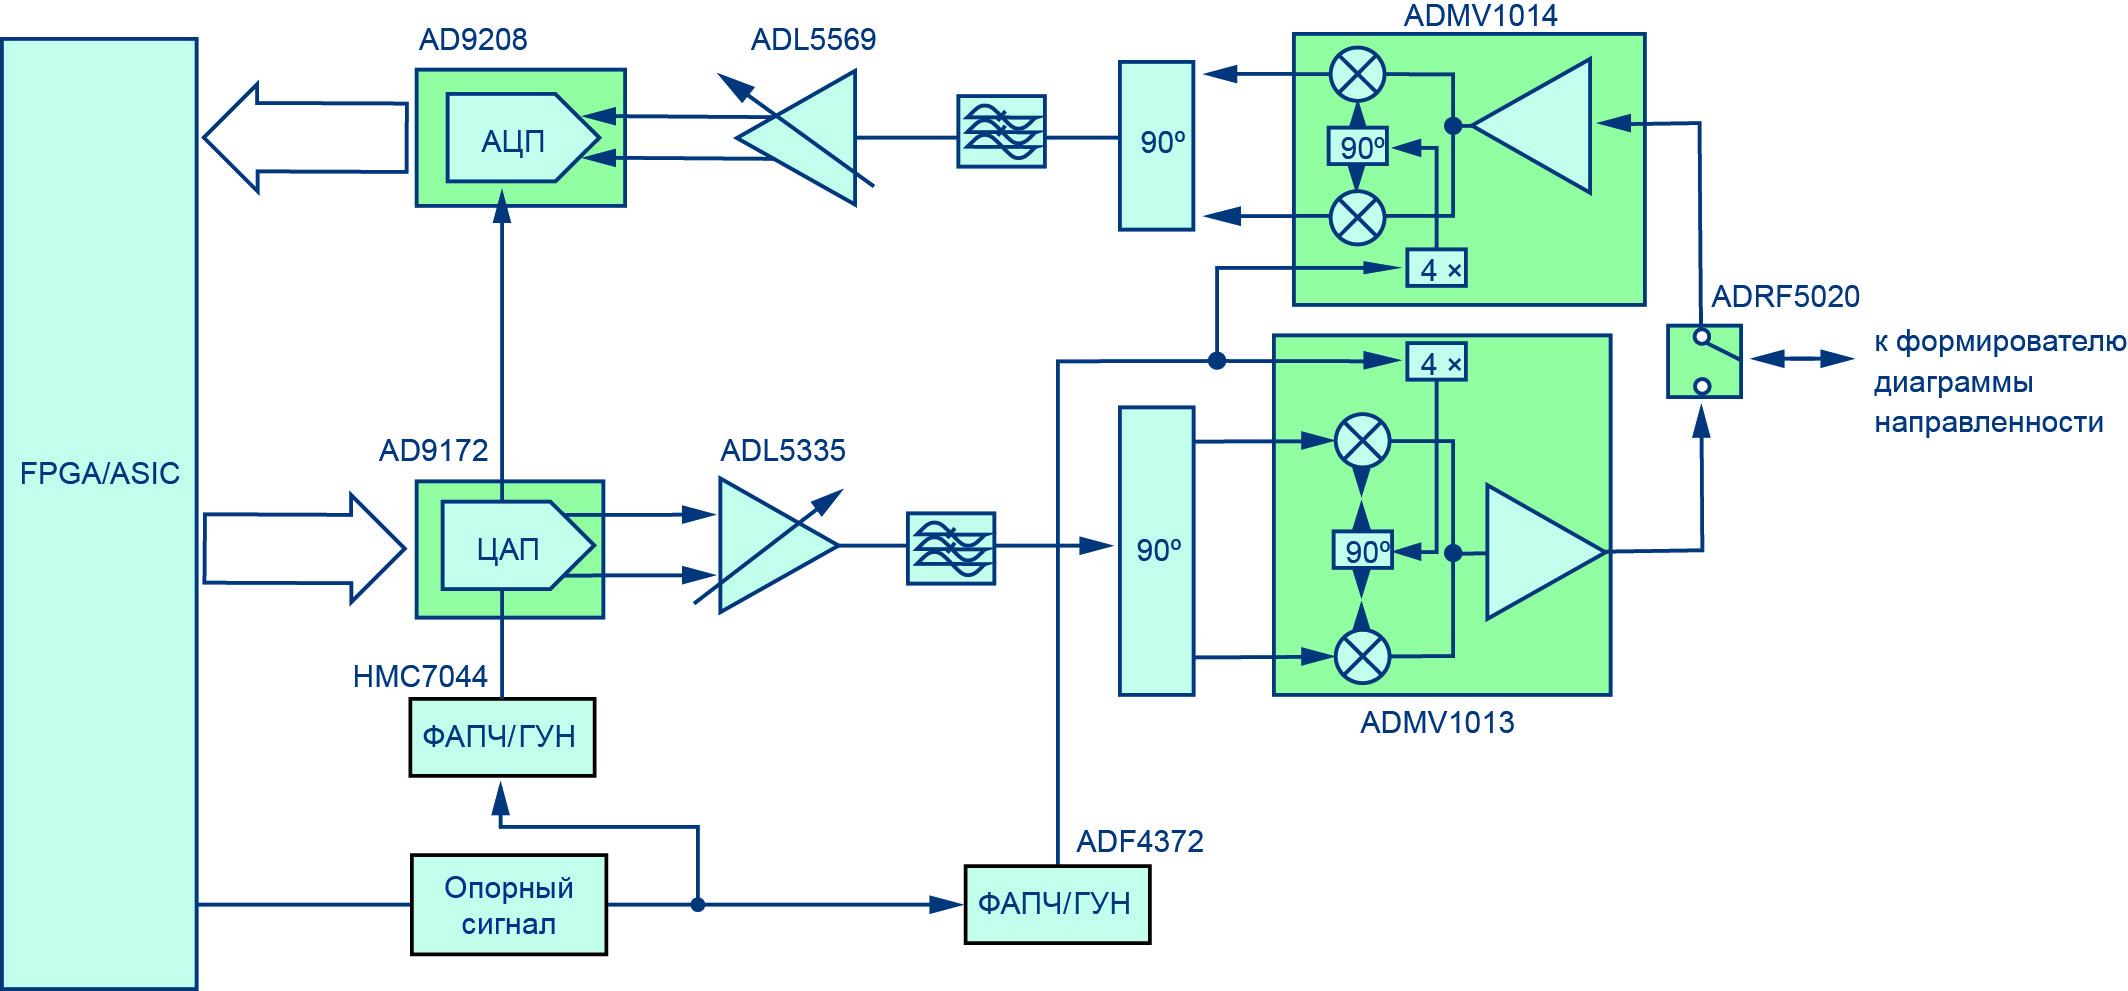 Функциональная схема широкополосного приемопередатчика смешанных сигналов миллиметрового диапазона